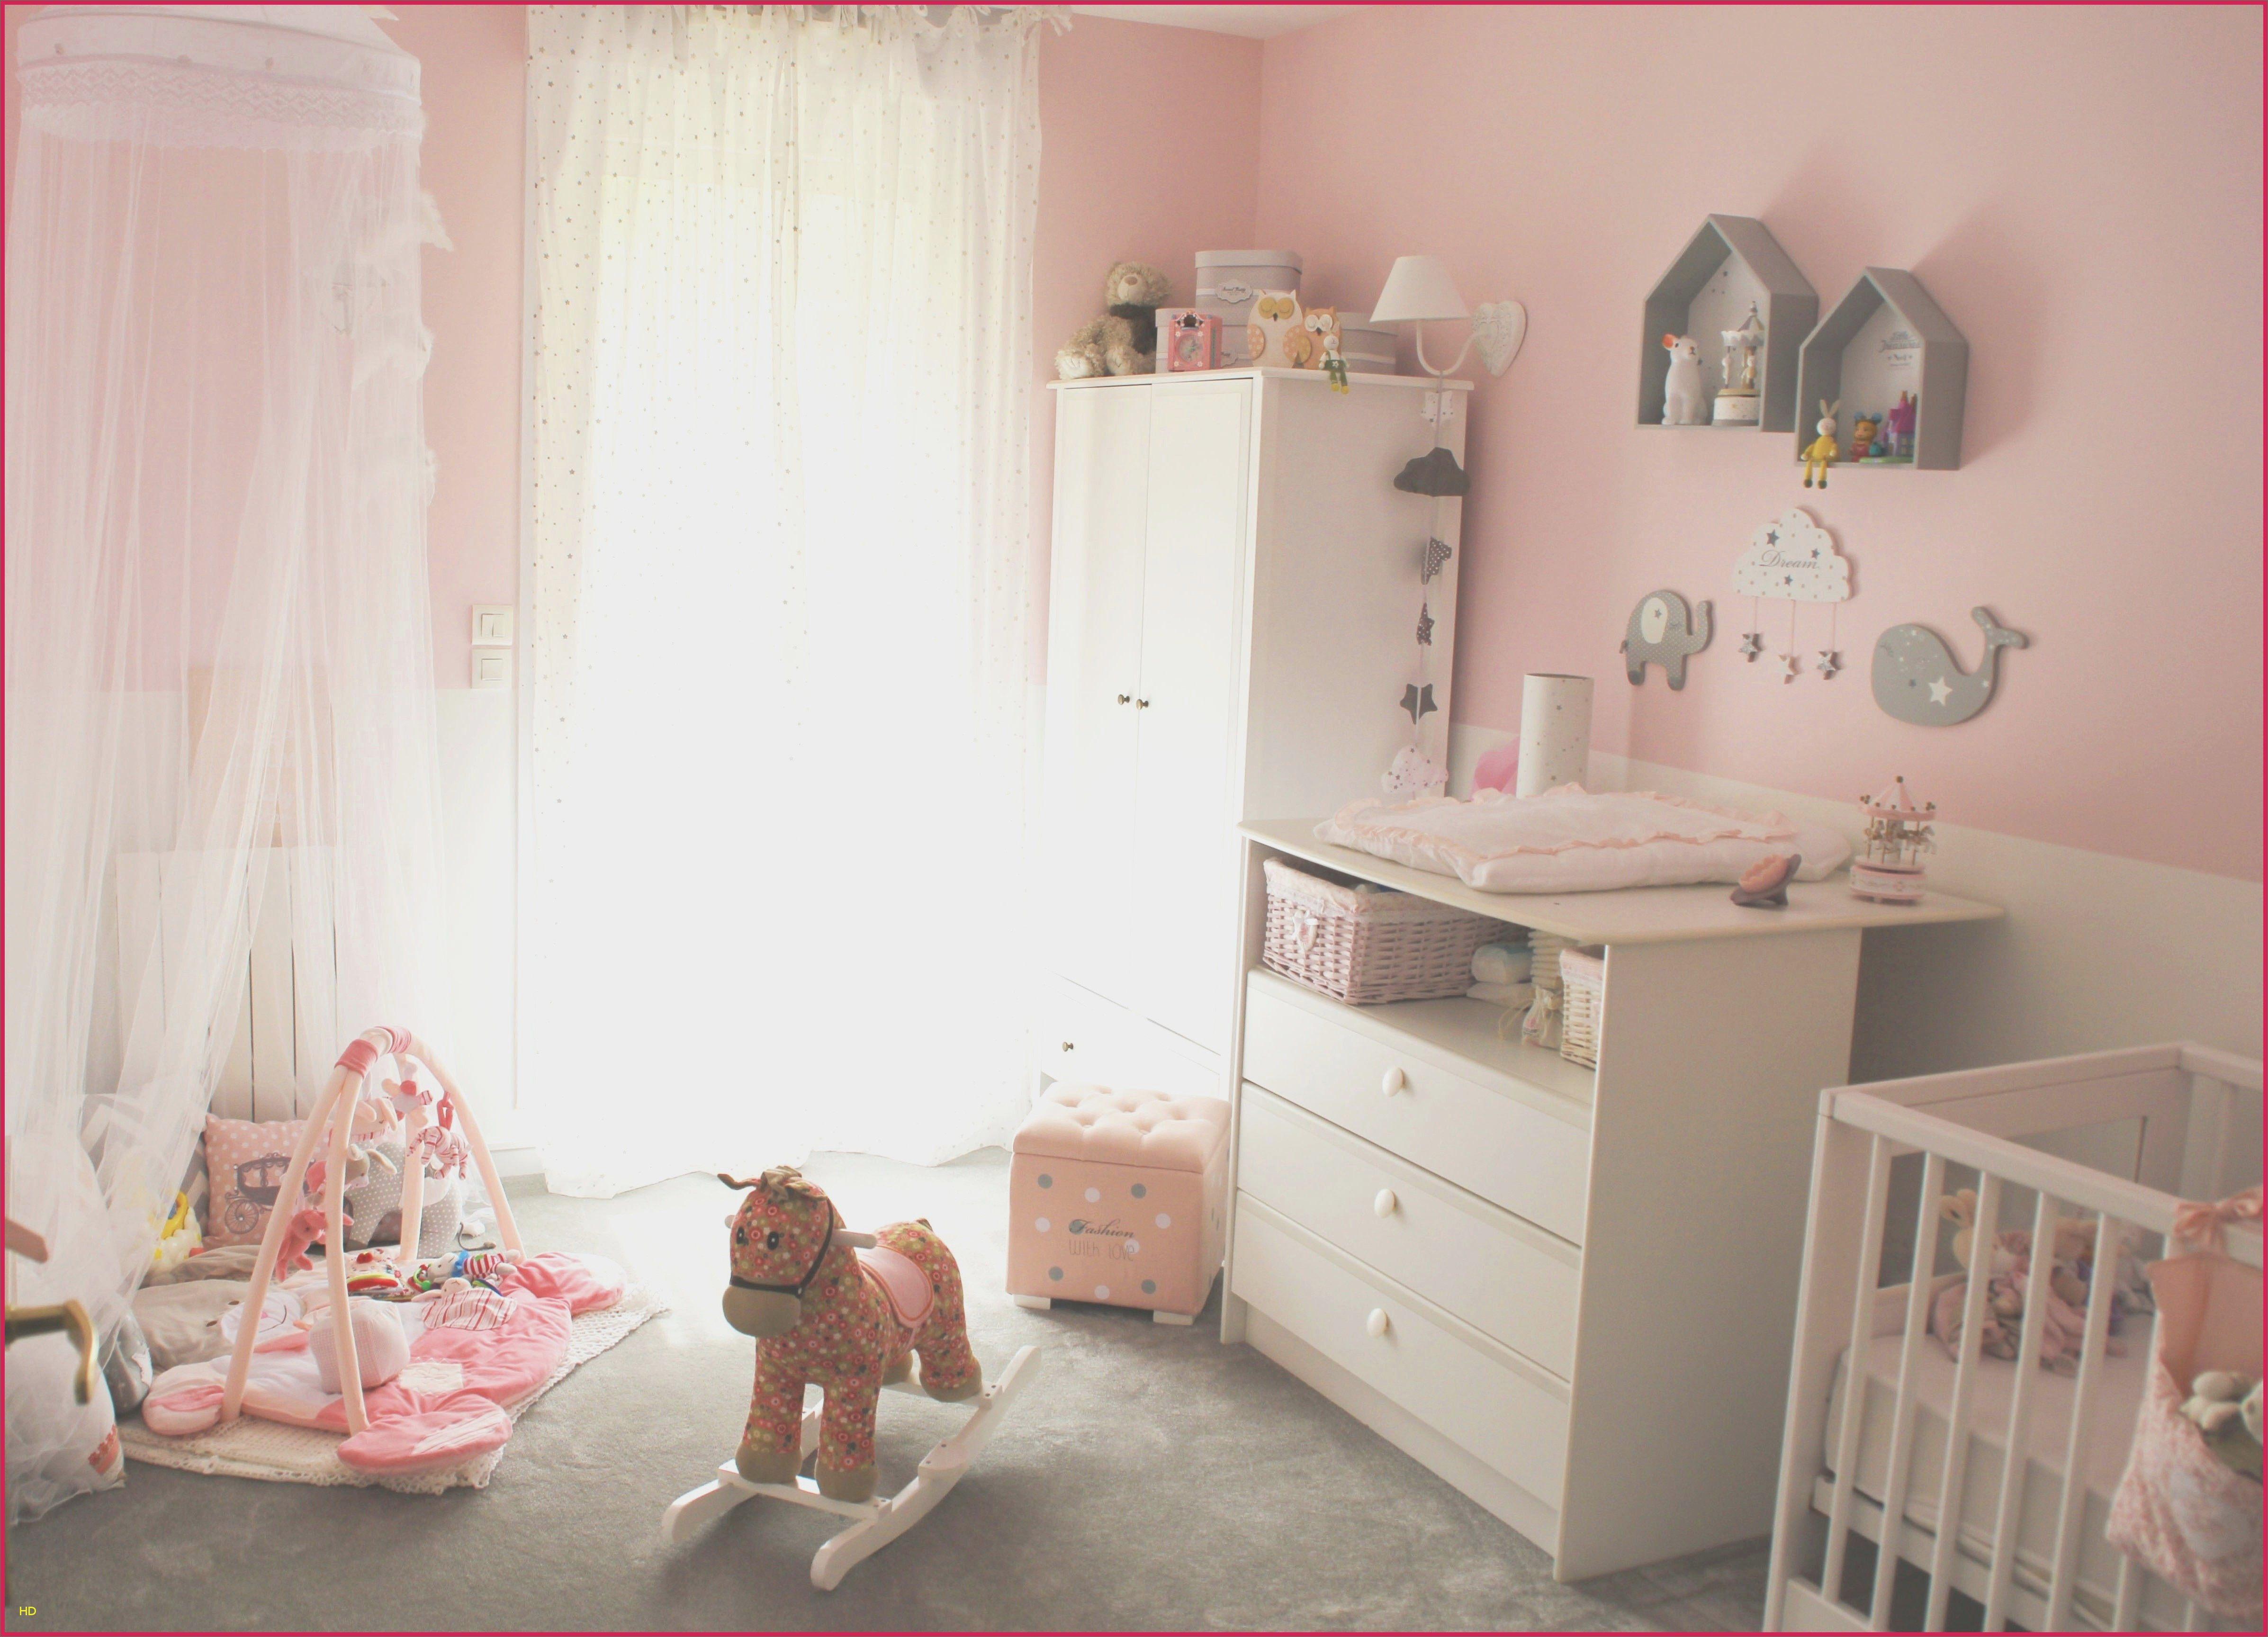 Lit Bébé original Unique Meuble Pour Bébé Lit Pour Bébé Album Bébé original Luxe Parc B C3